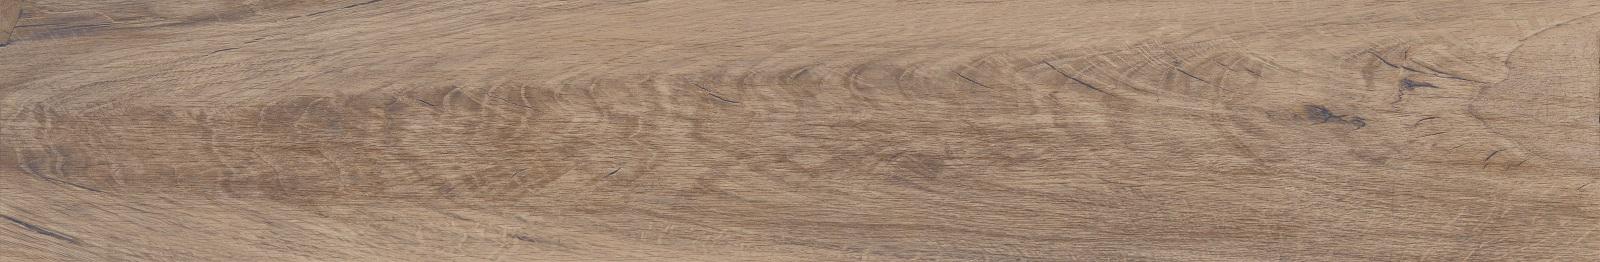 Плитка Allwood Brown (zzxwu6r) изображение 1